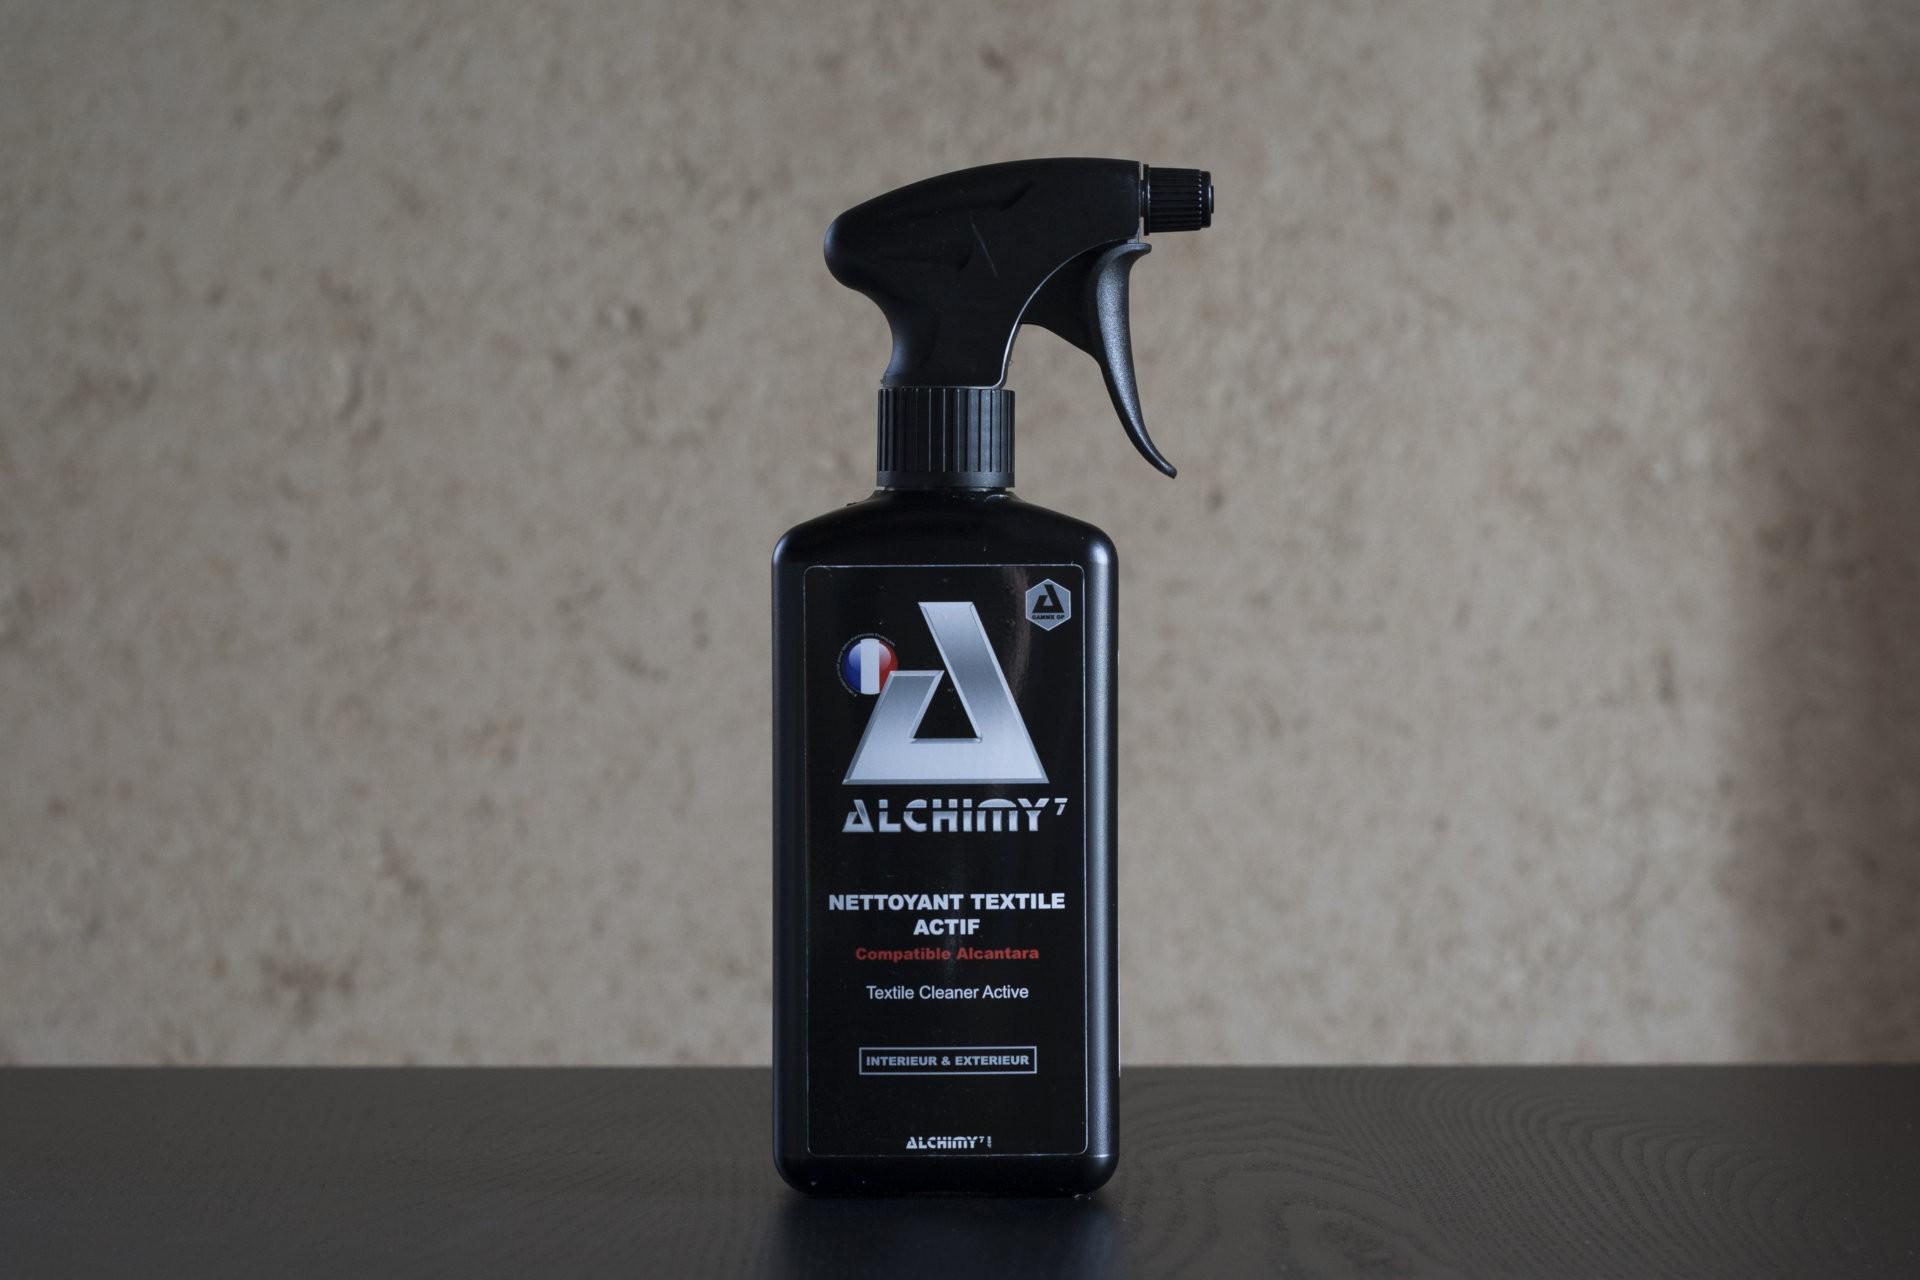 Nettoyant textile actif Alchimy⁷